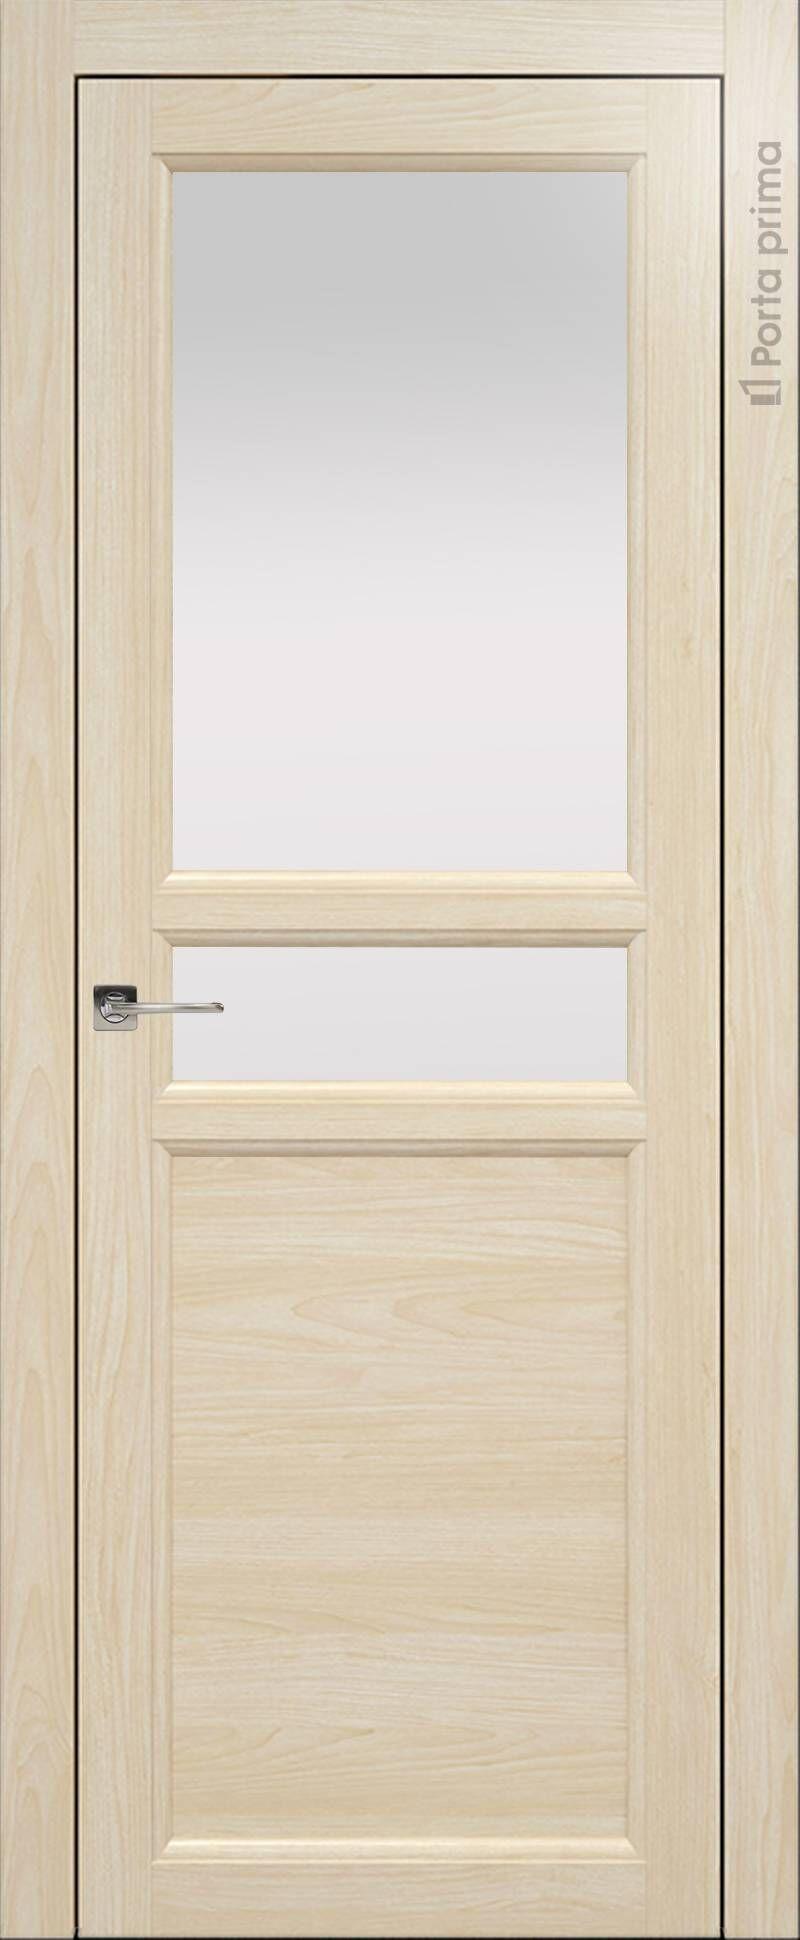 Sorrento-R Д2 цвет - Клен Со стеклом (ДО)